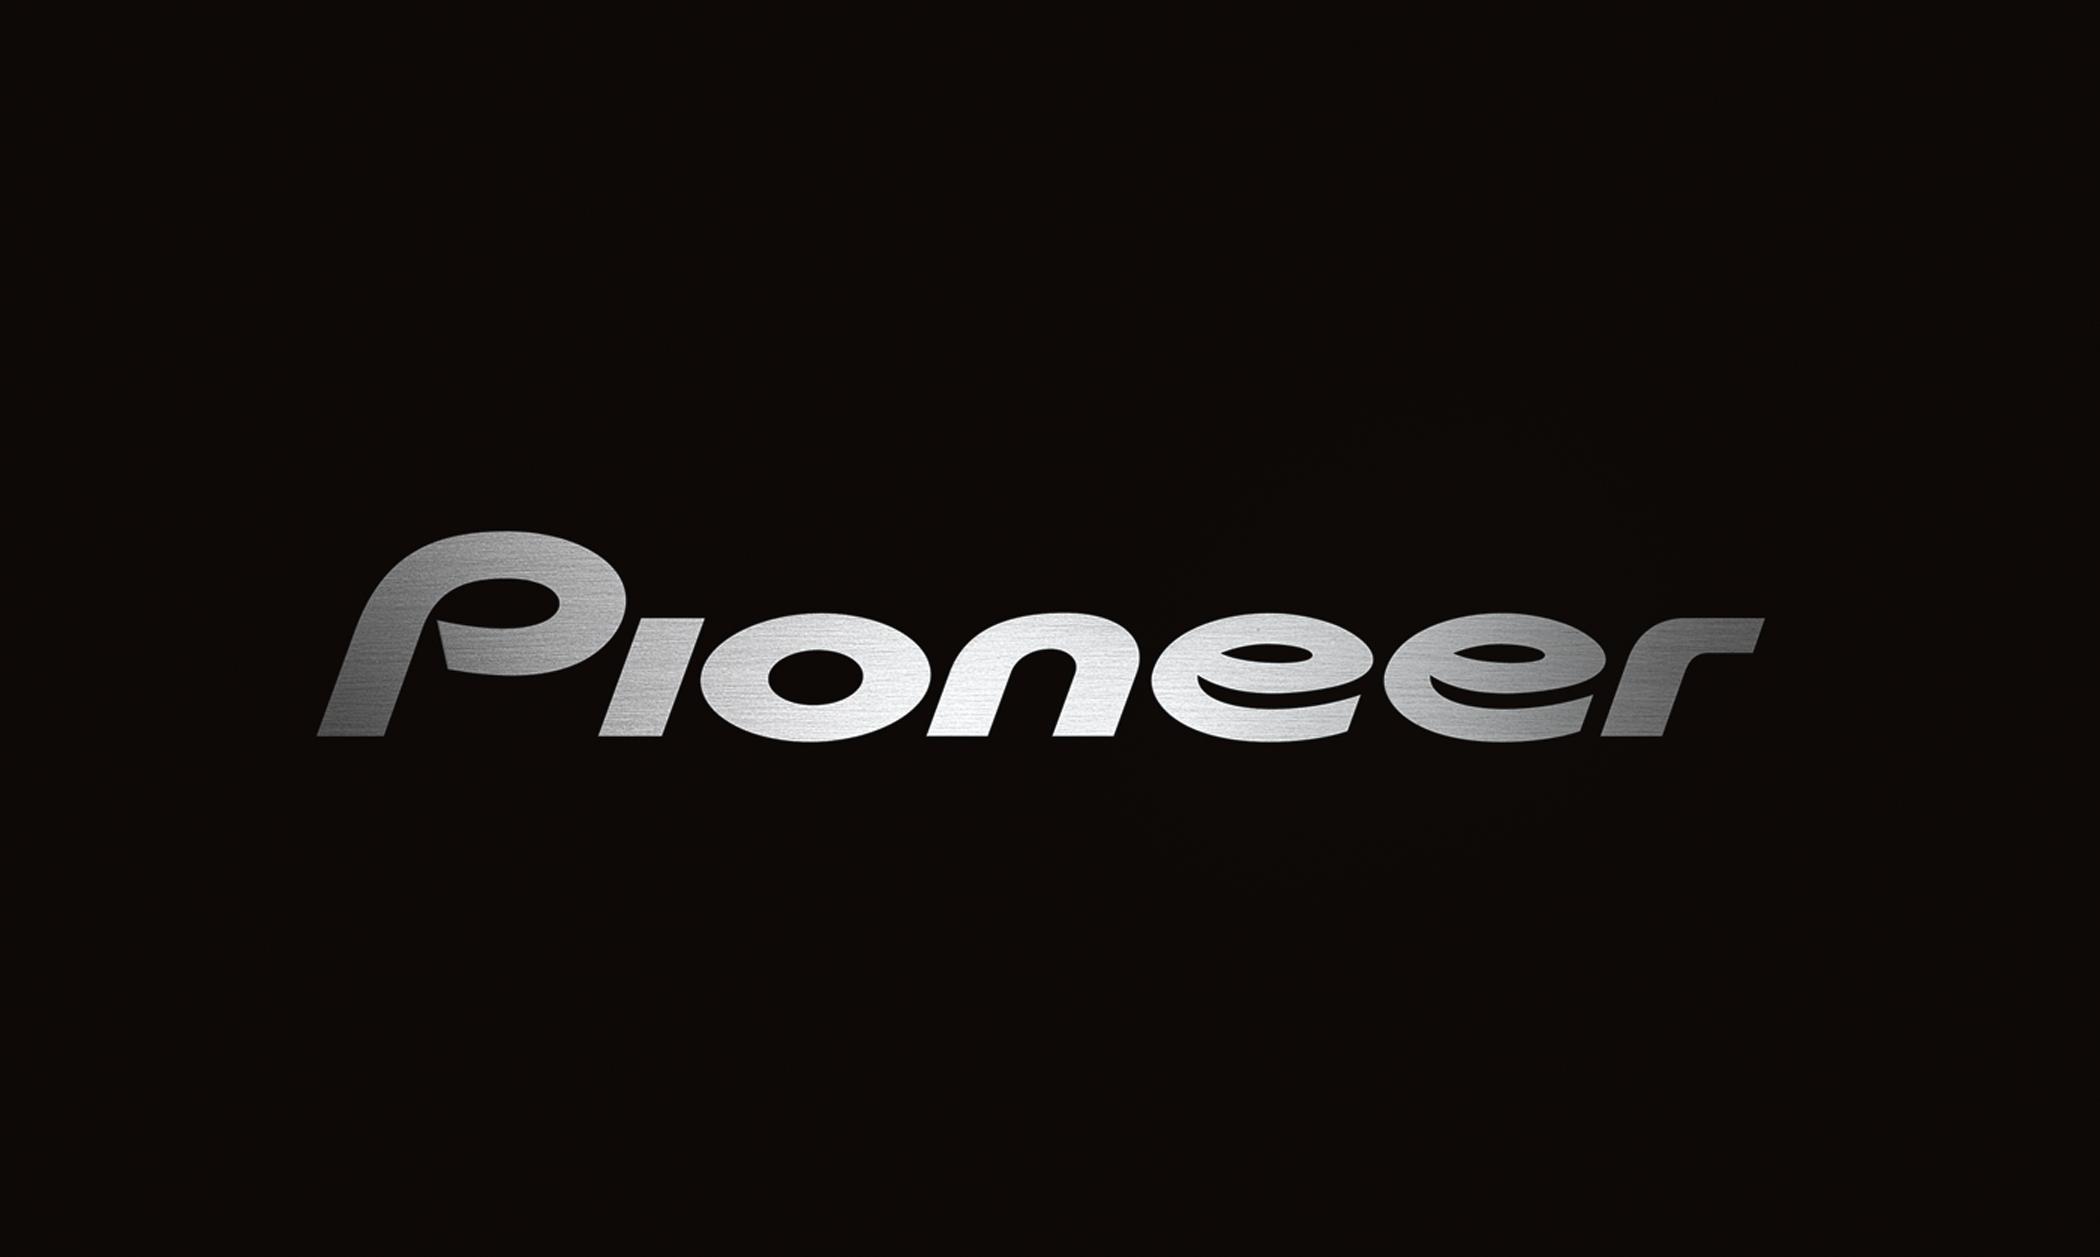 pioneer_logo_1